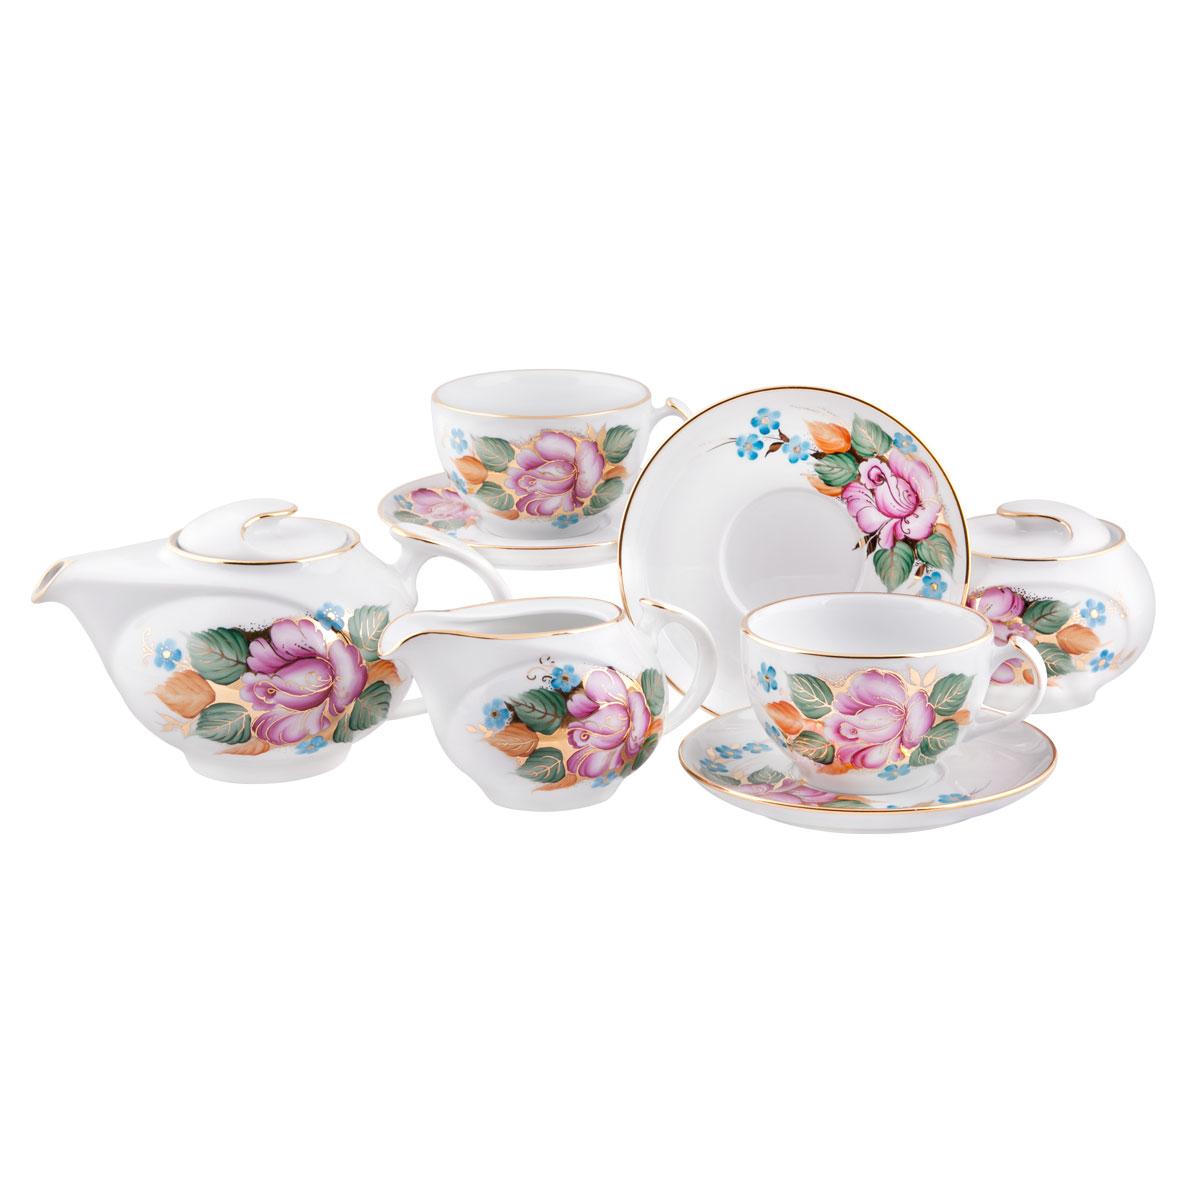 Сервиз чайный Башфарфор Розалия, 15 предметовCM000001328Сервиз чайный из белого фарфора рассчитан на 6 персон. Тонкий белый фарфор.Изумительная посуда для настоящих ценителей с хорошим вкусом, подходит и для особых случаев и на каждый день. В состав набора входит: чашка 250мл 6 шт, блюдце 14,5см 6 шт, сахарница 300мл 1шт, чайник 600мл 1 шт, Молочник 250мл 1шт.